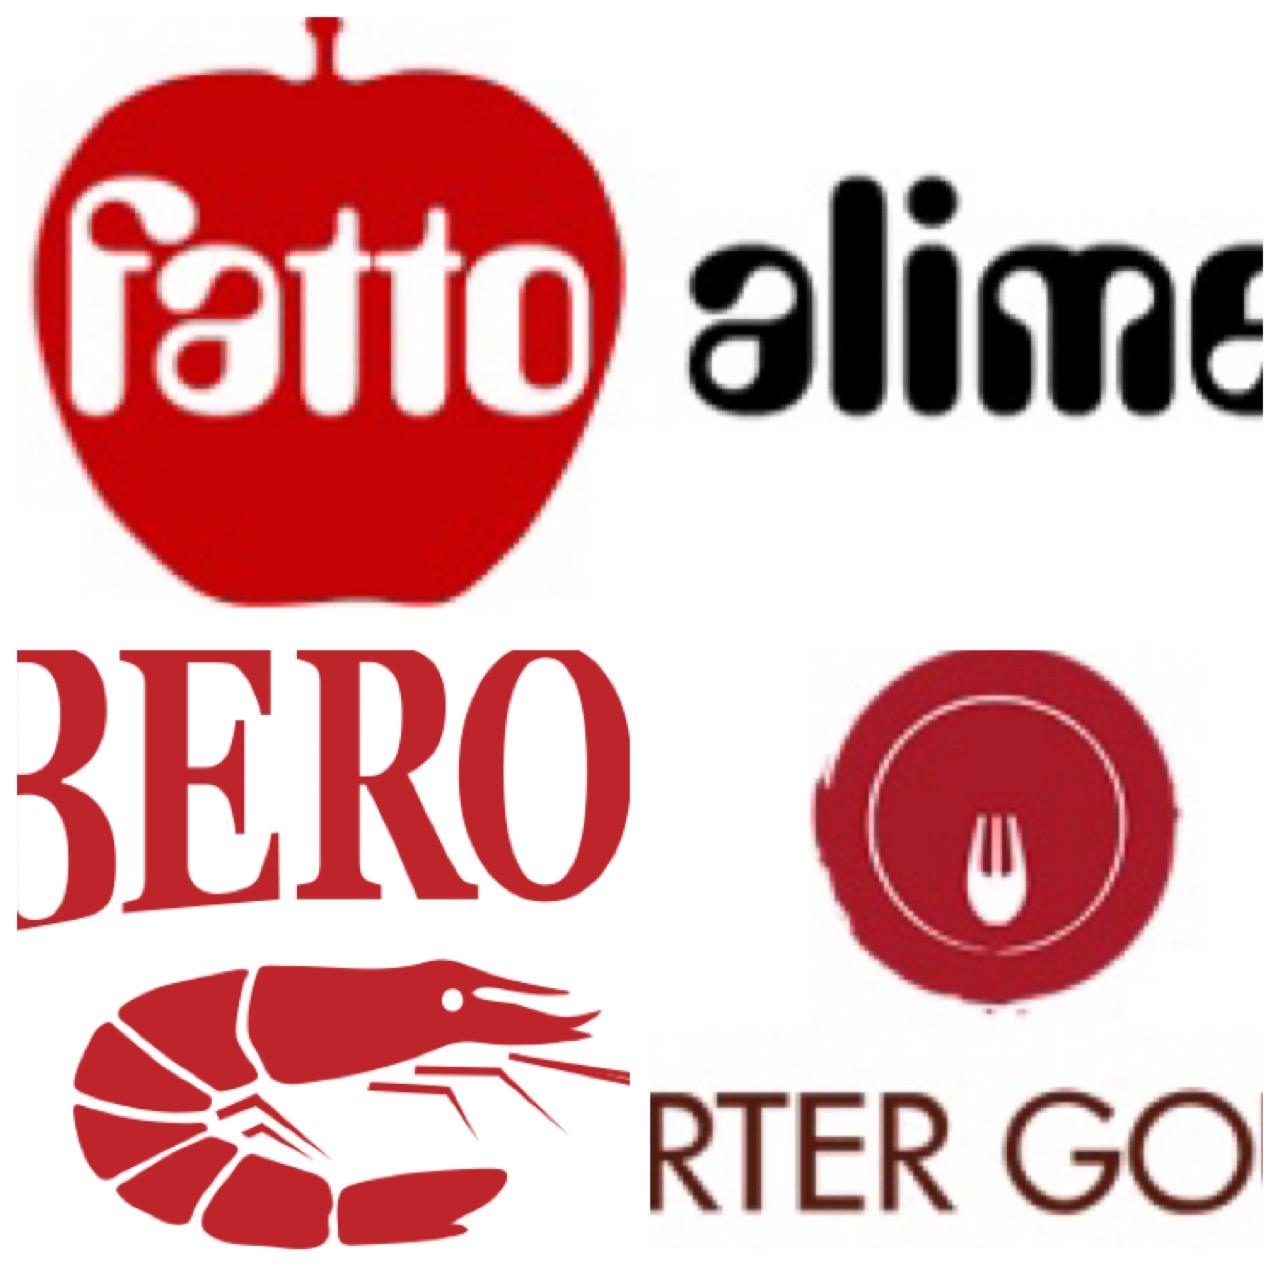 Assagi web: sempre più cibo, gli articoli degli altri in rete